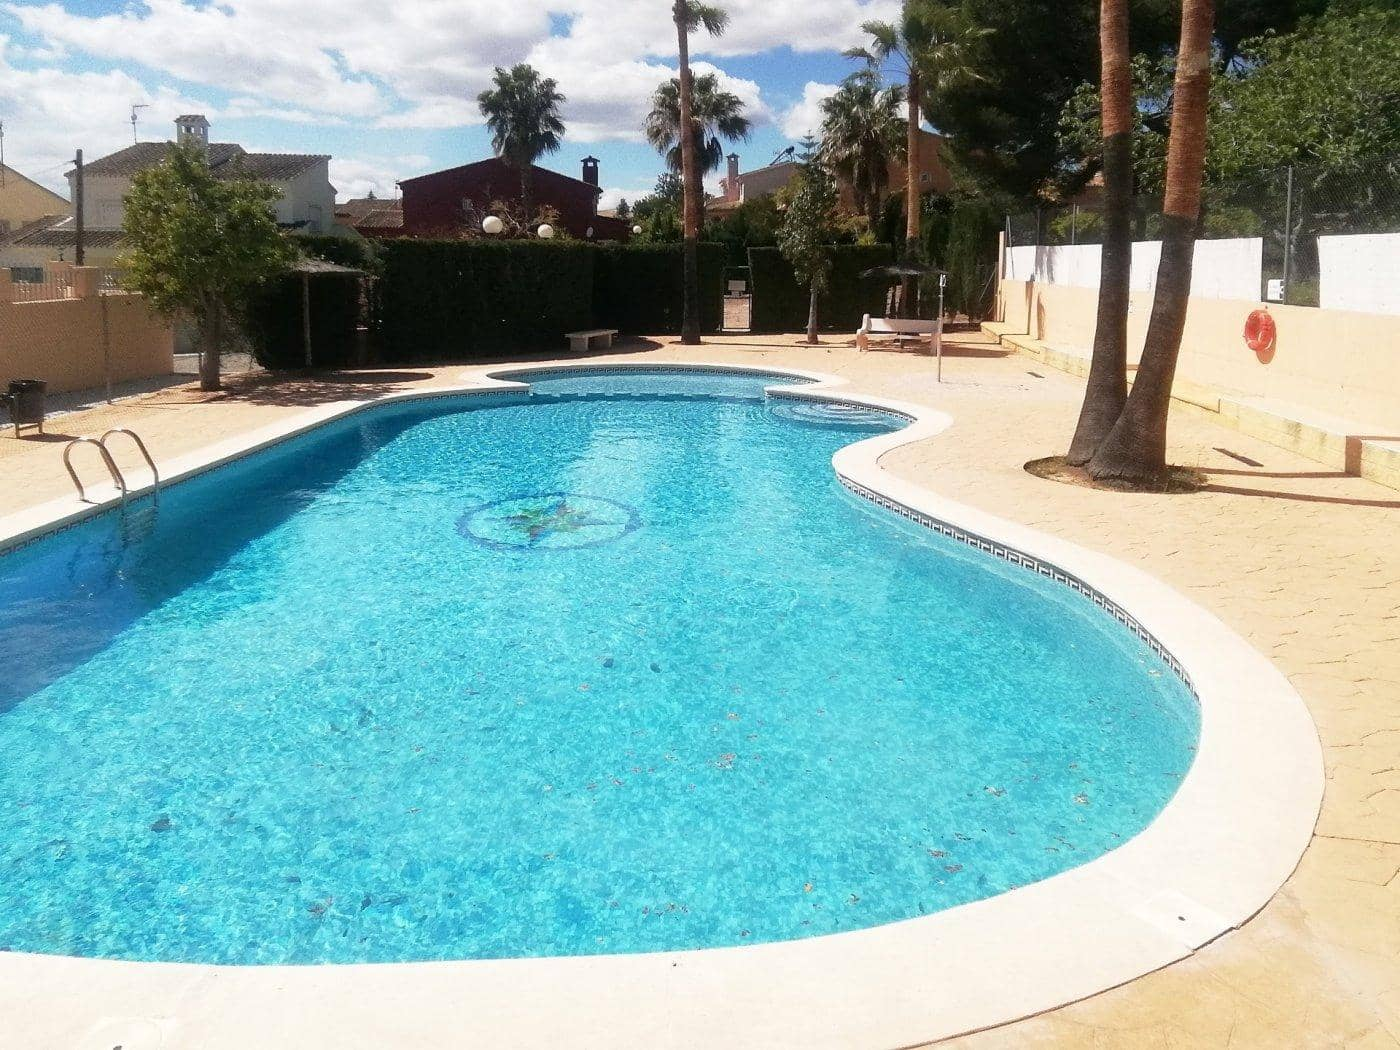 3 Zimmer Reihenhaus zu verkaufen in Montserrat mit Pool Garage - 225.000 € (Ref: 5151264)